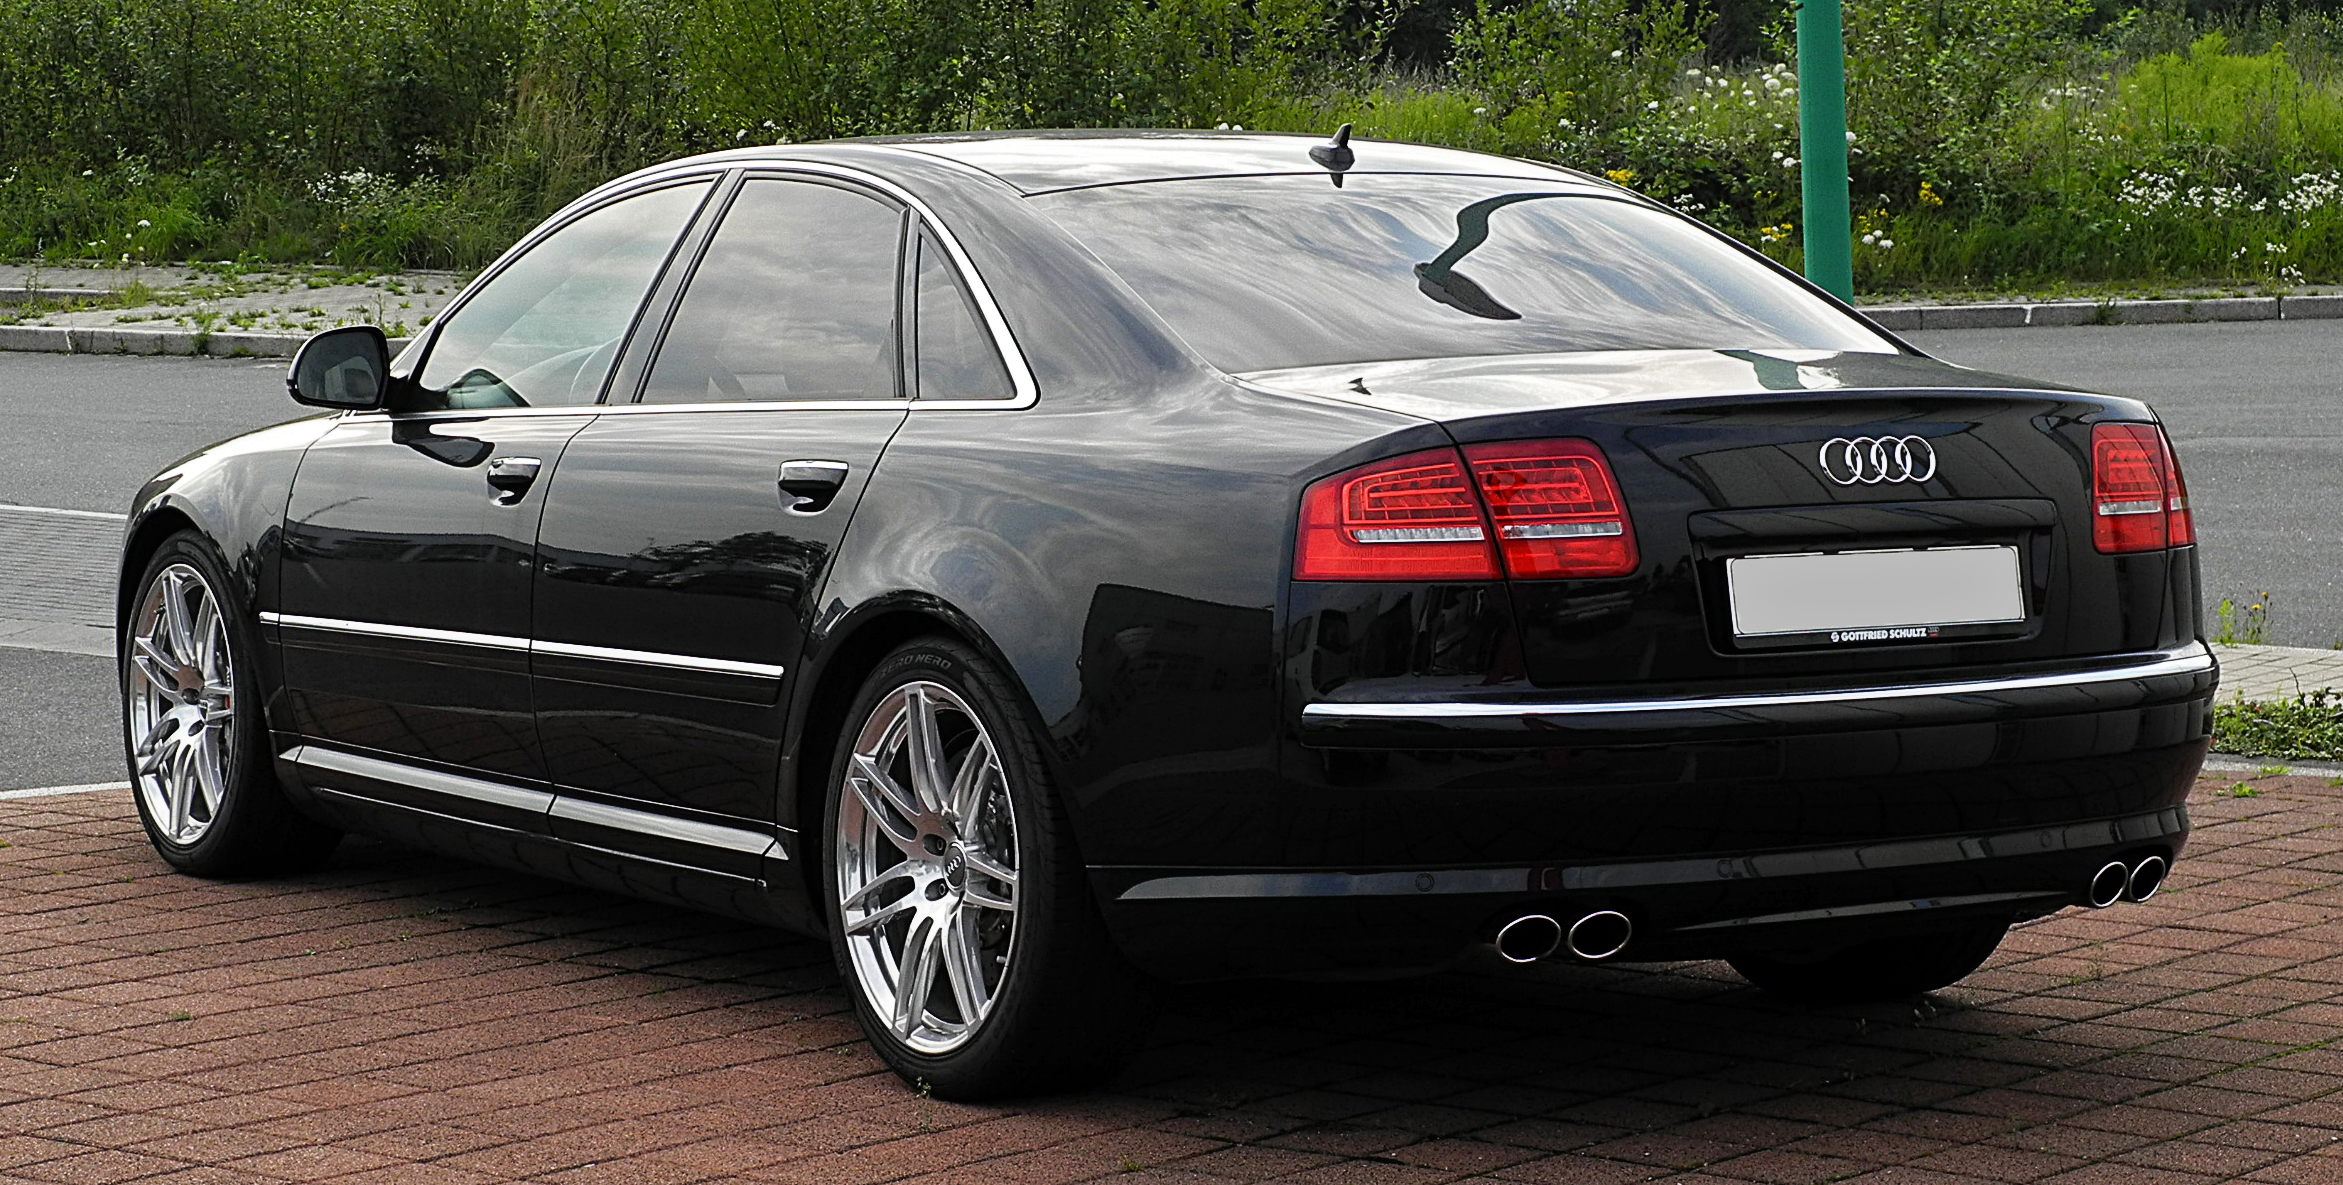 File:Audi S8 (D3, 2. Facelift) – Heckansicht, 21. Juli 2011, Velbert